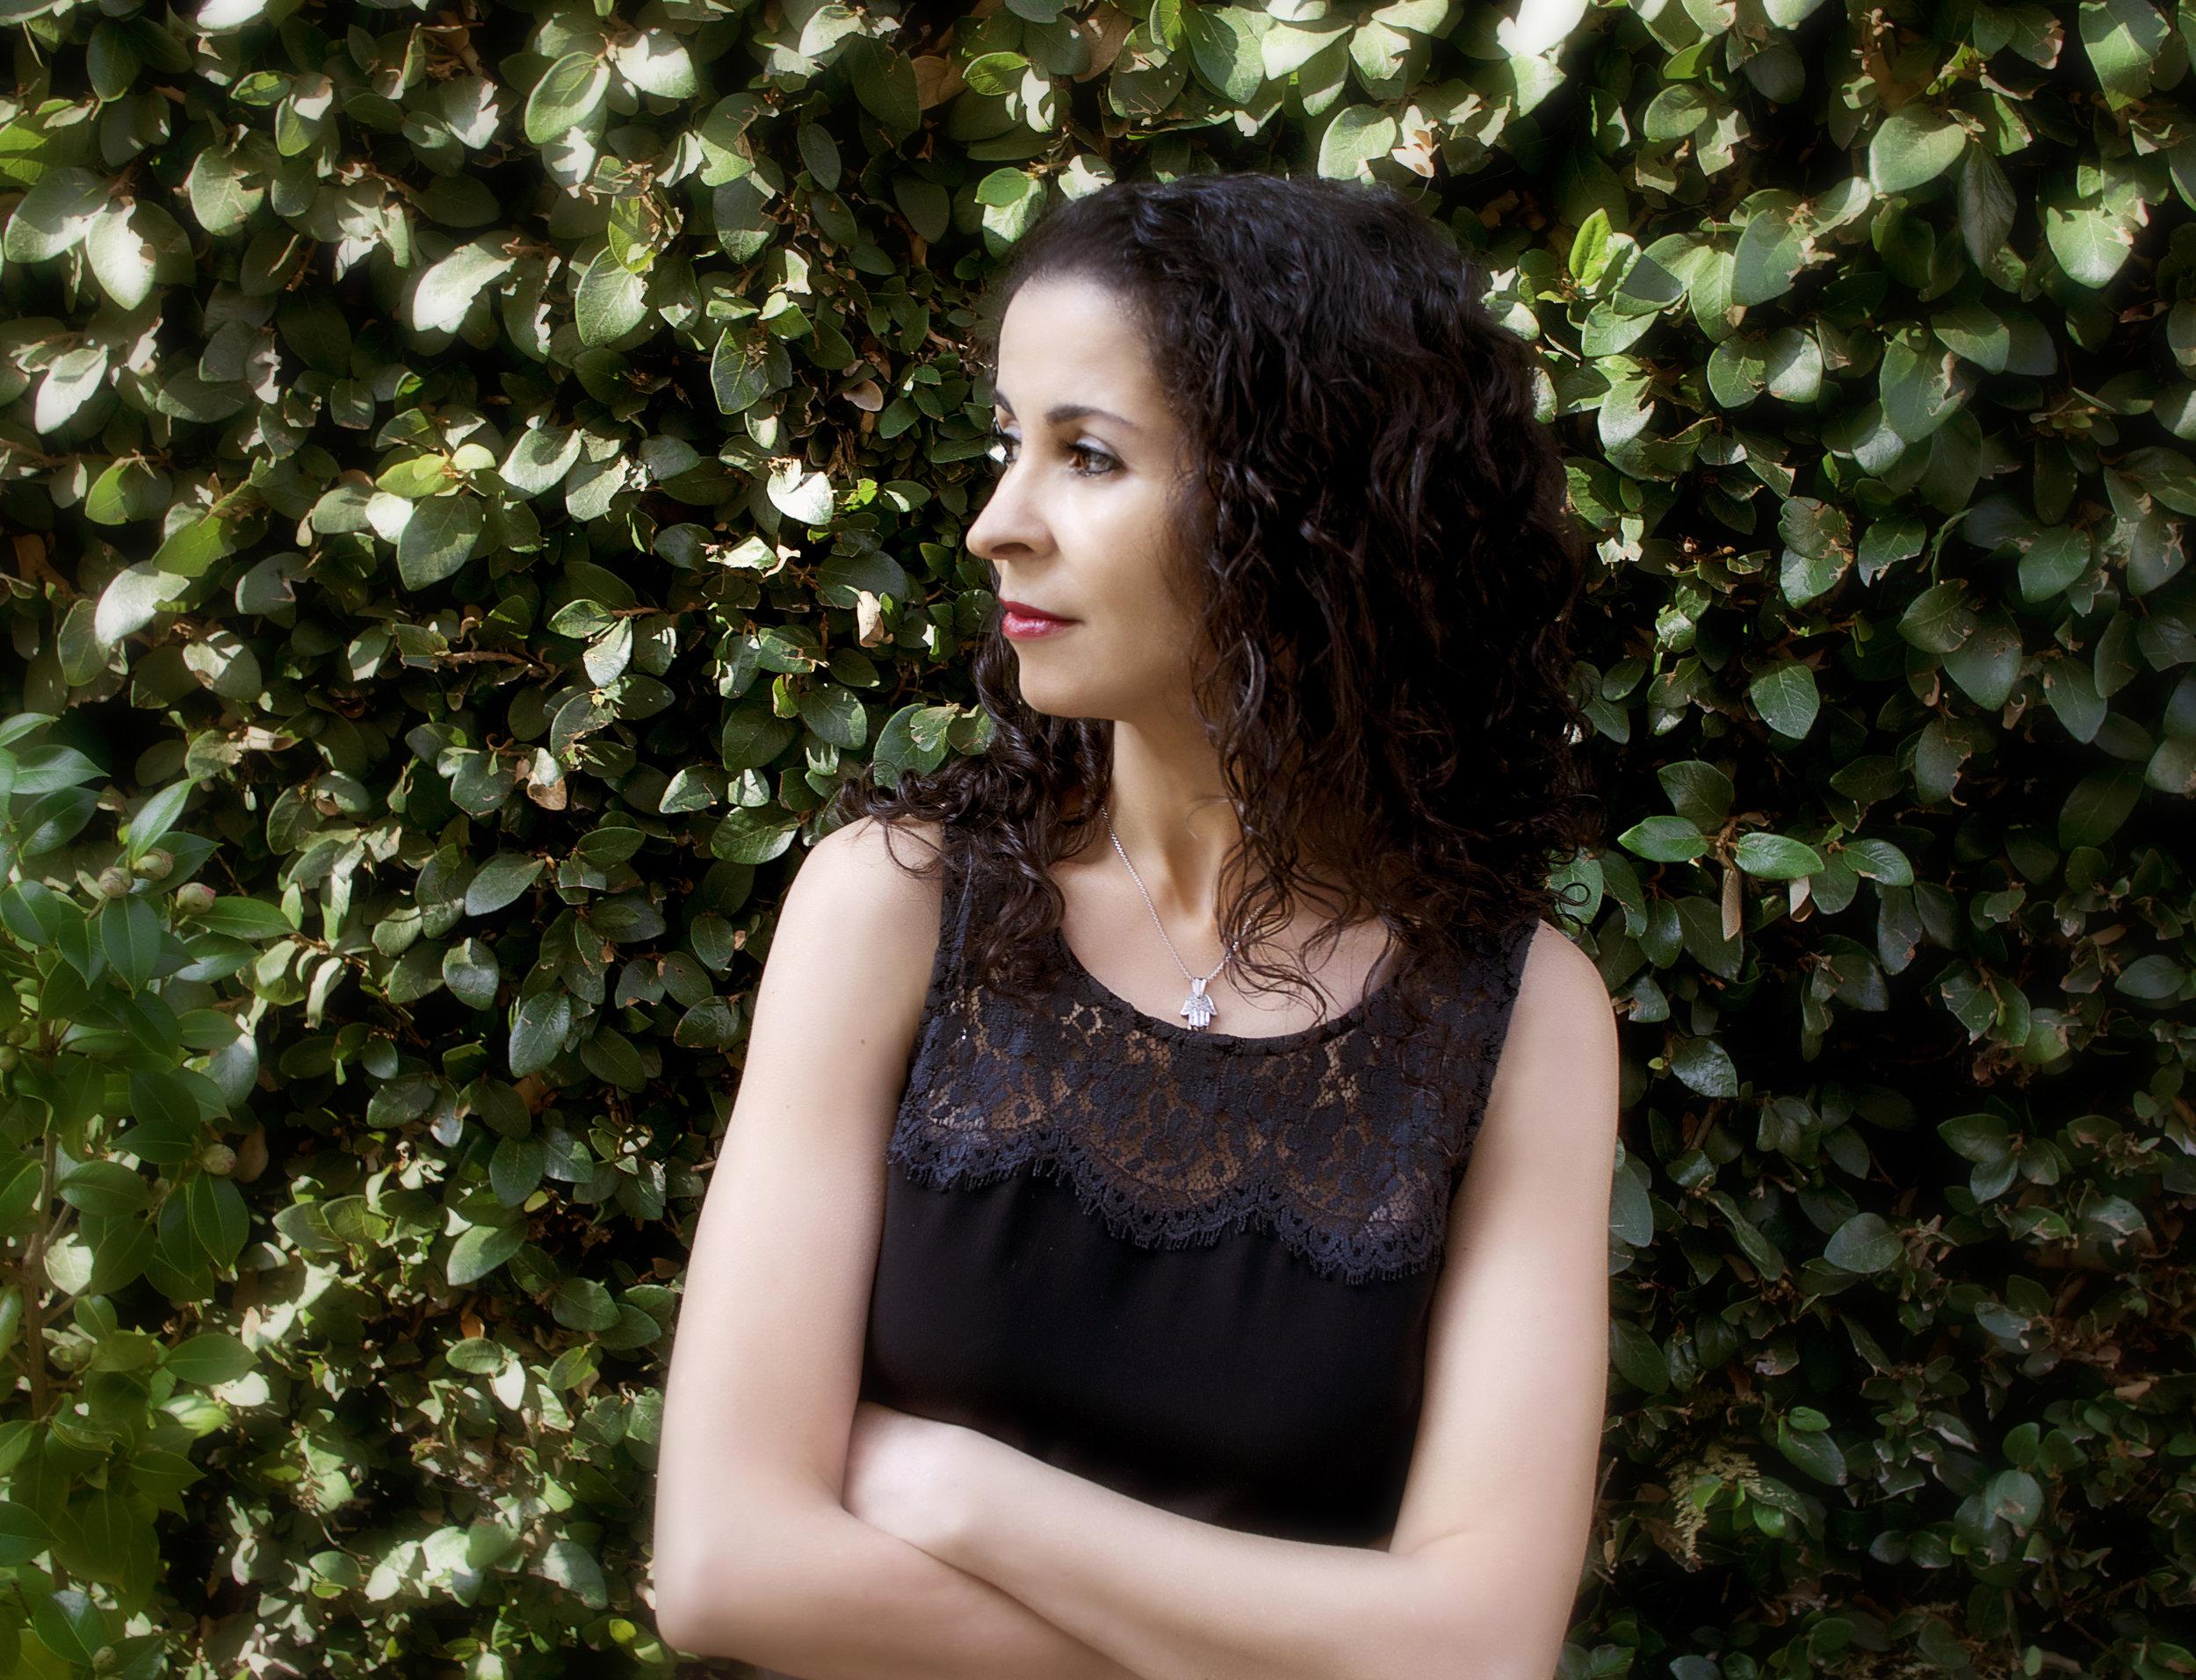 Author, Laila Lalami